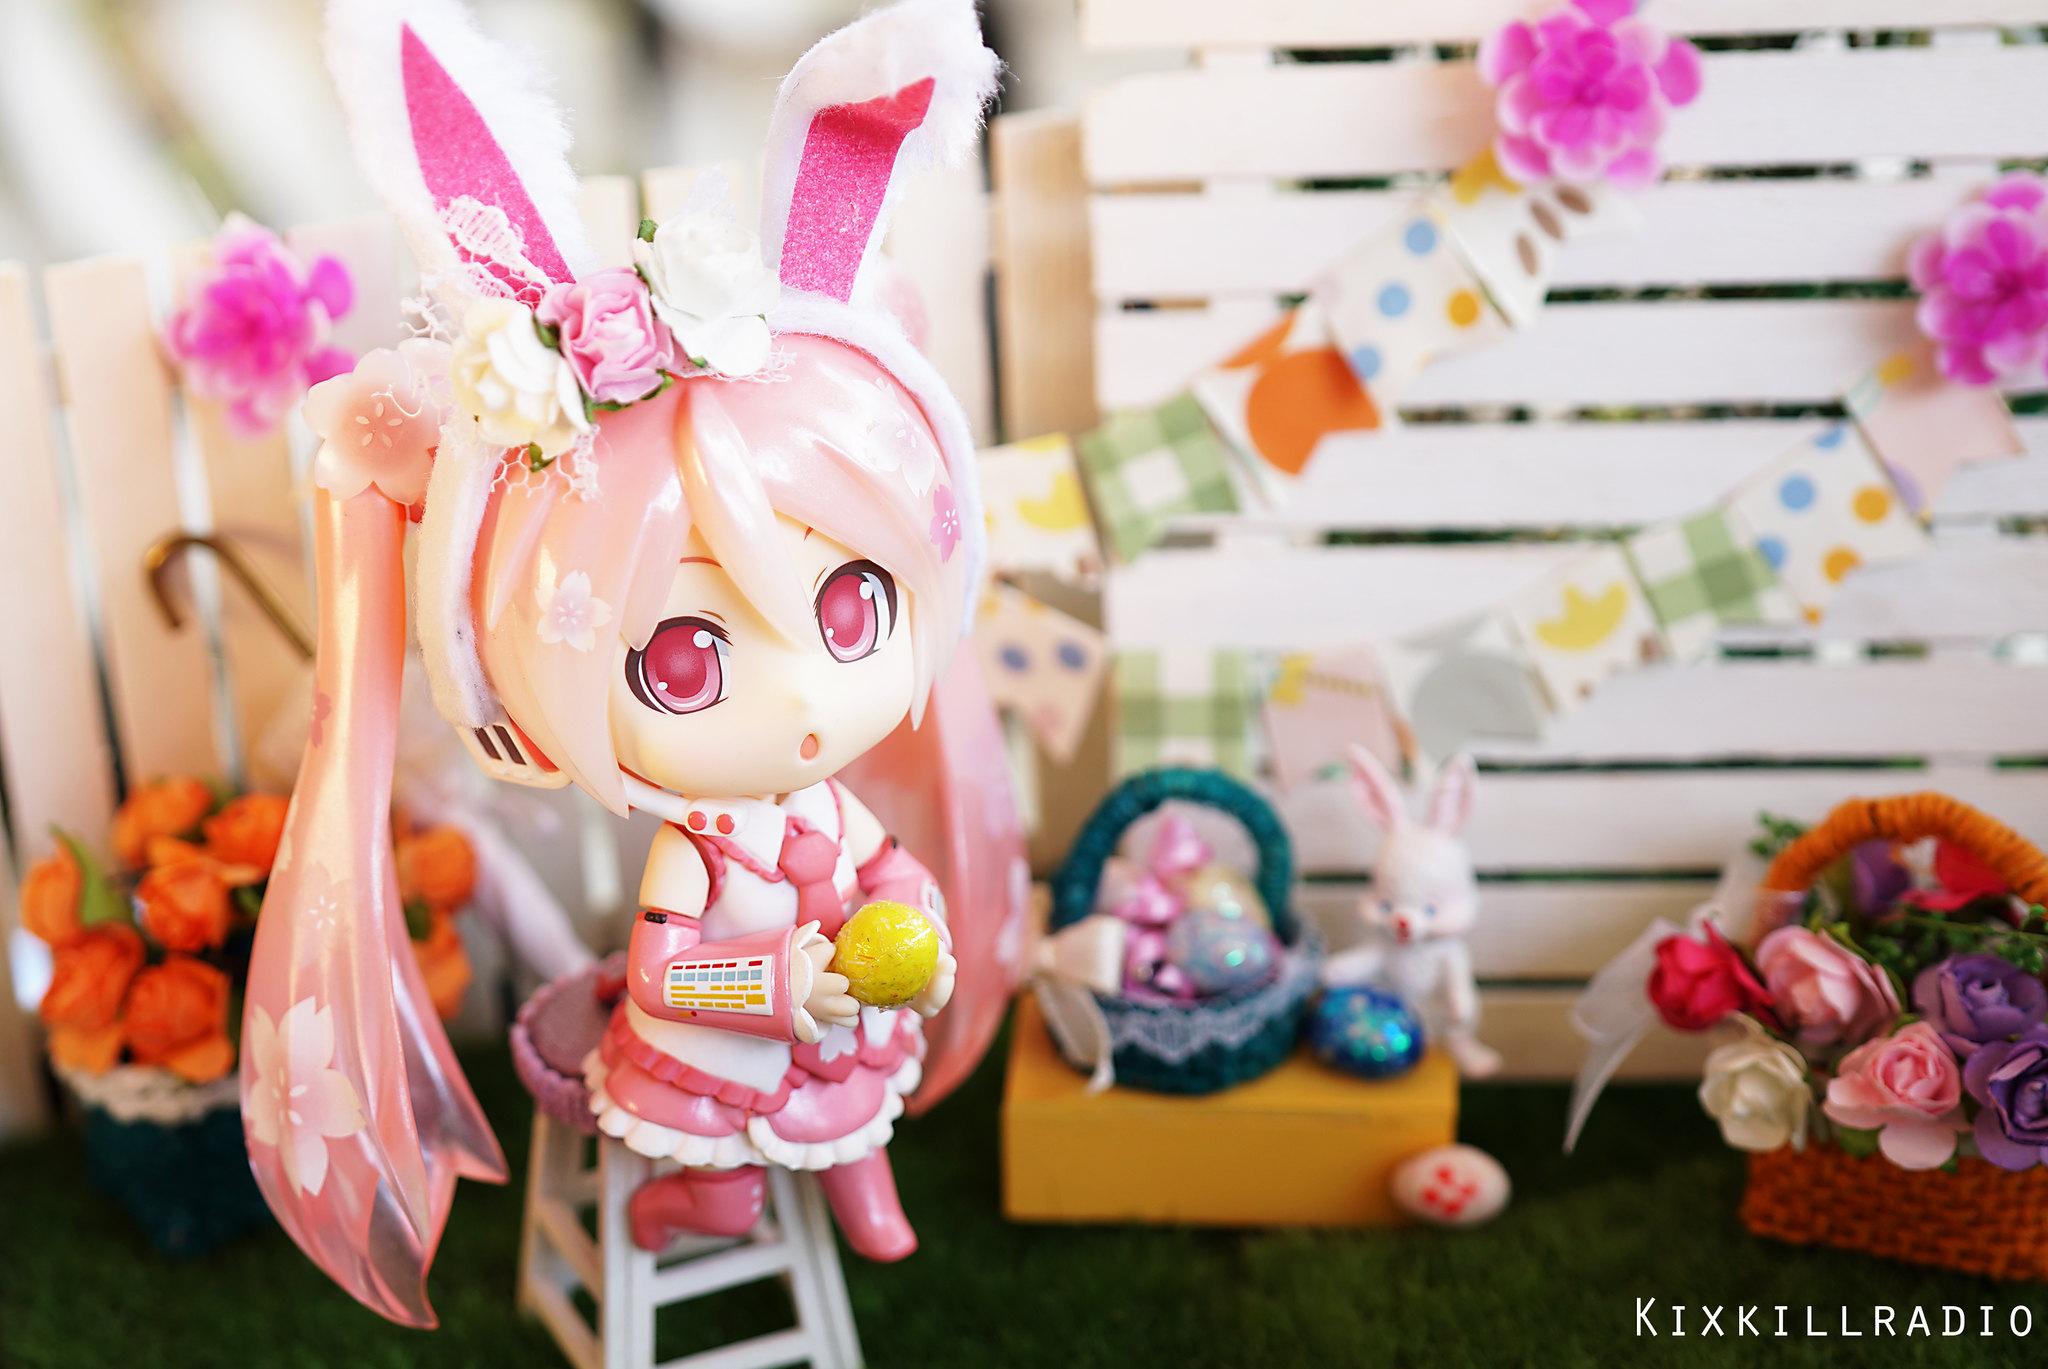 Easter Bunny Miku